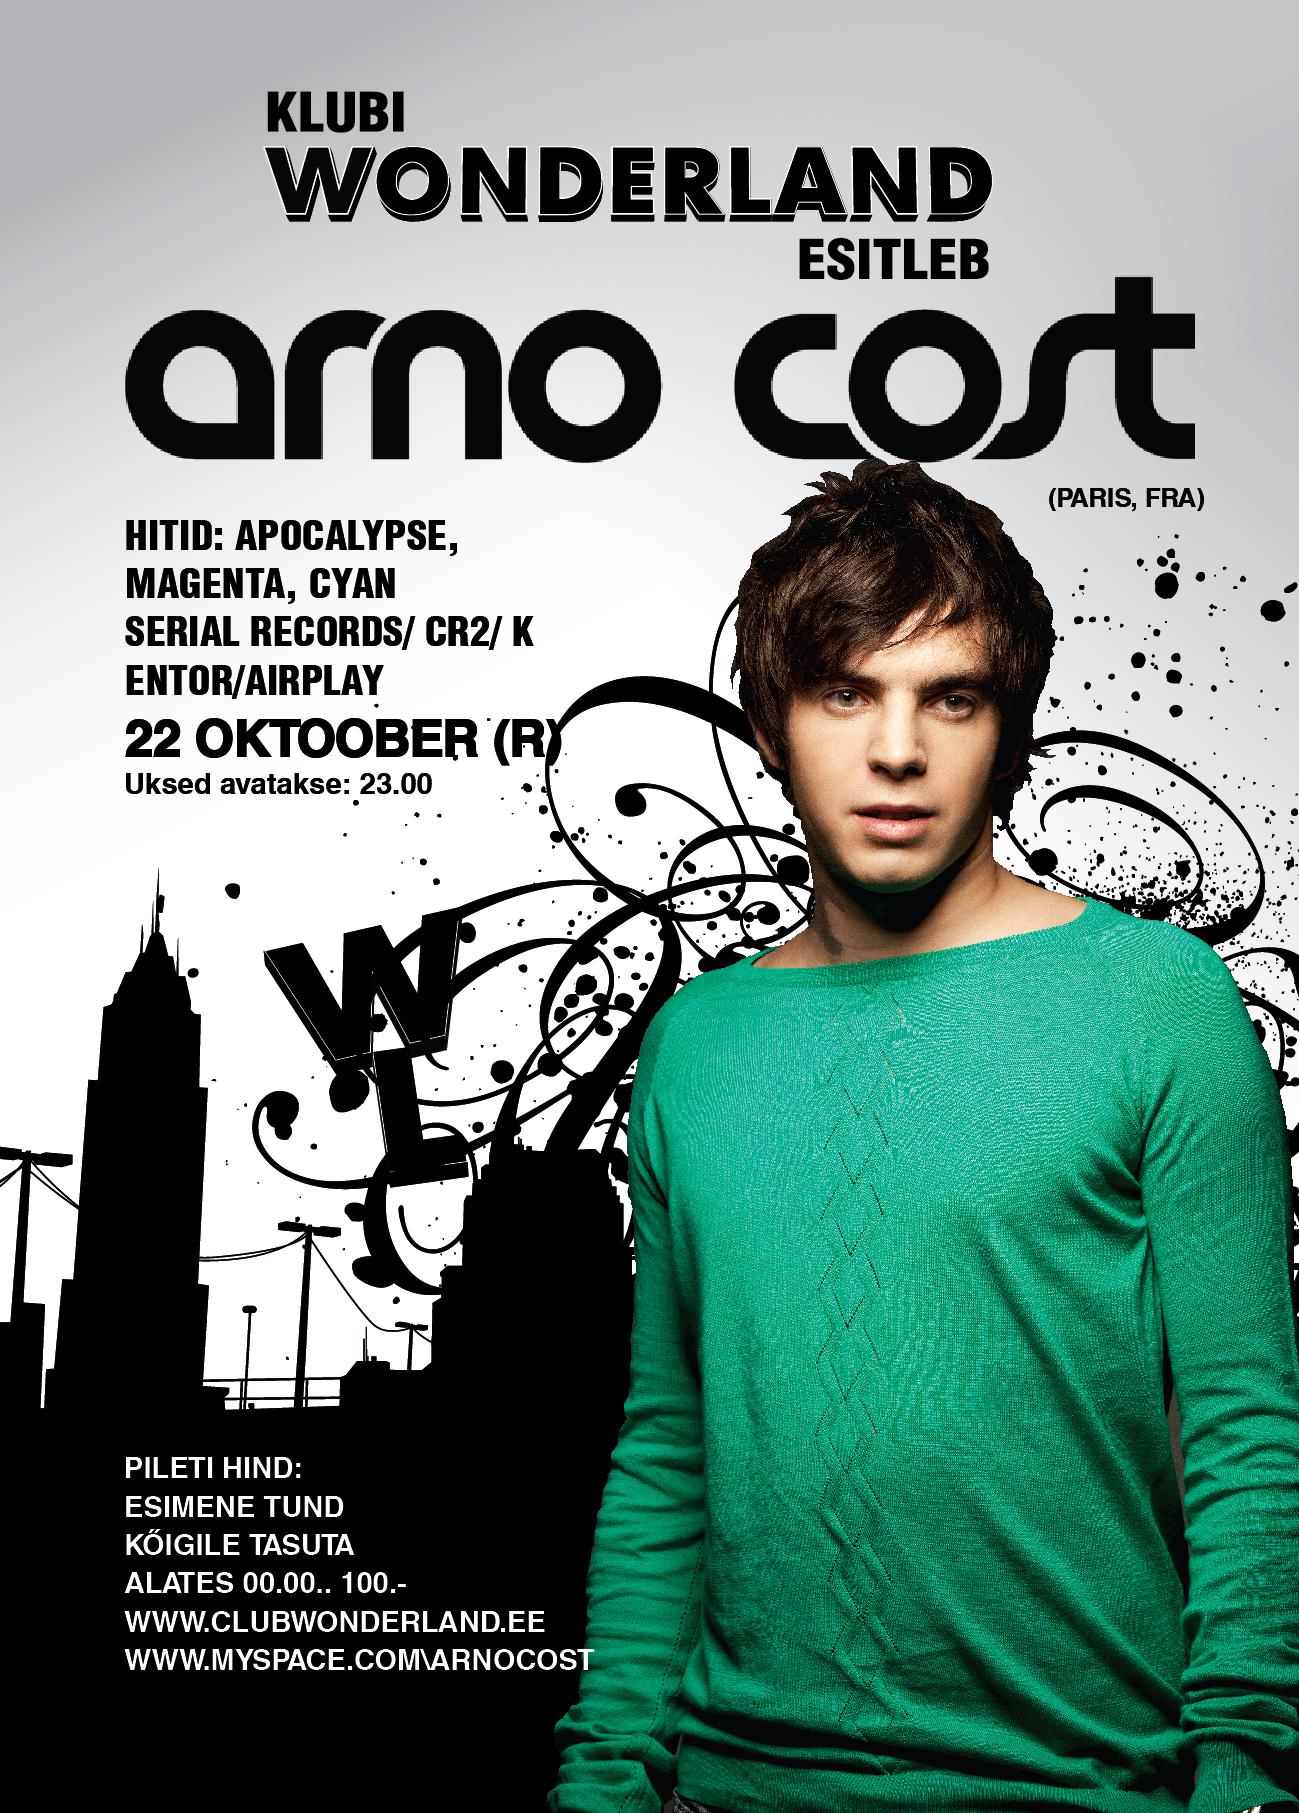 ArnoCost_5996_N&B-01